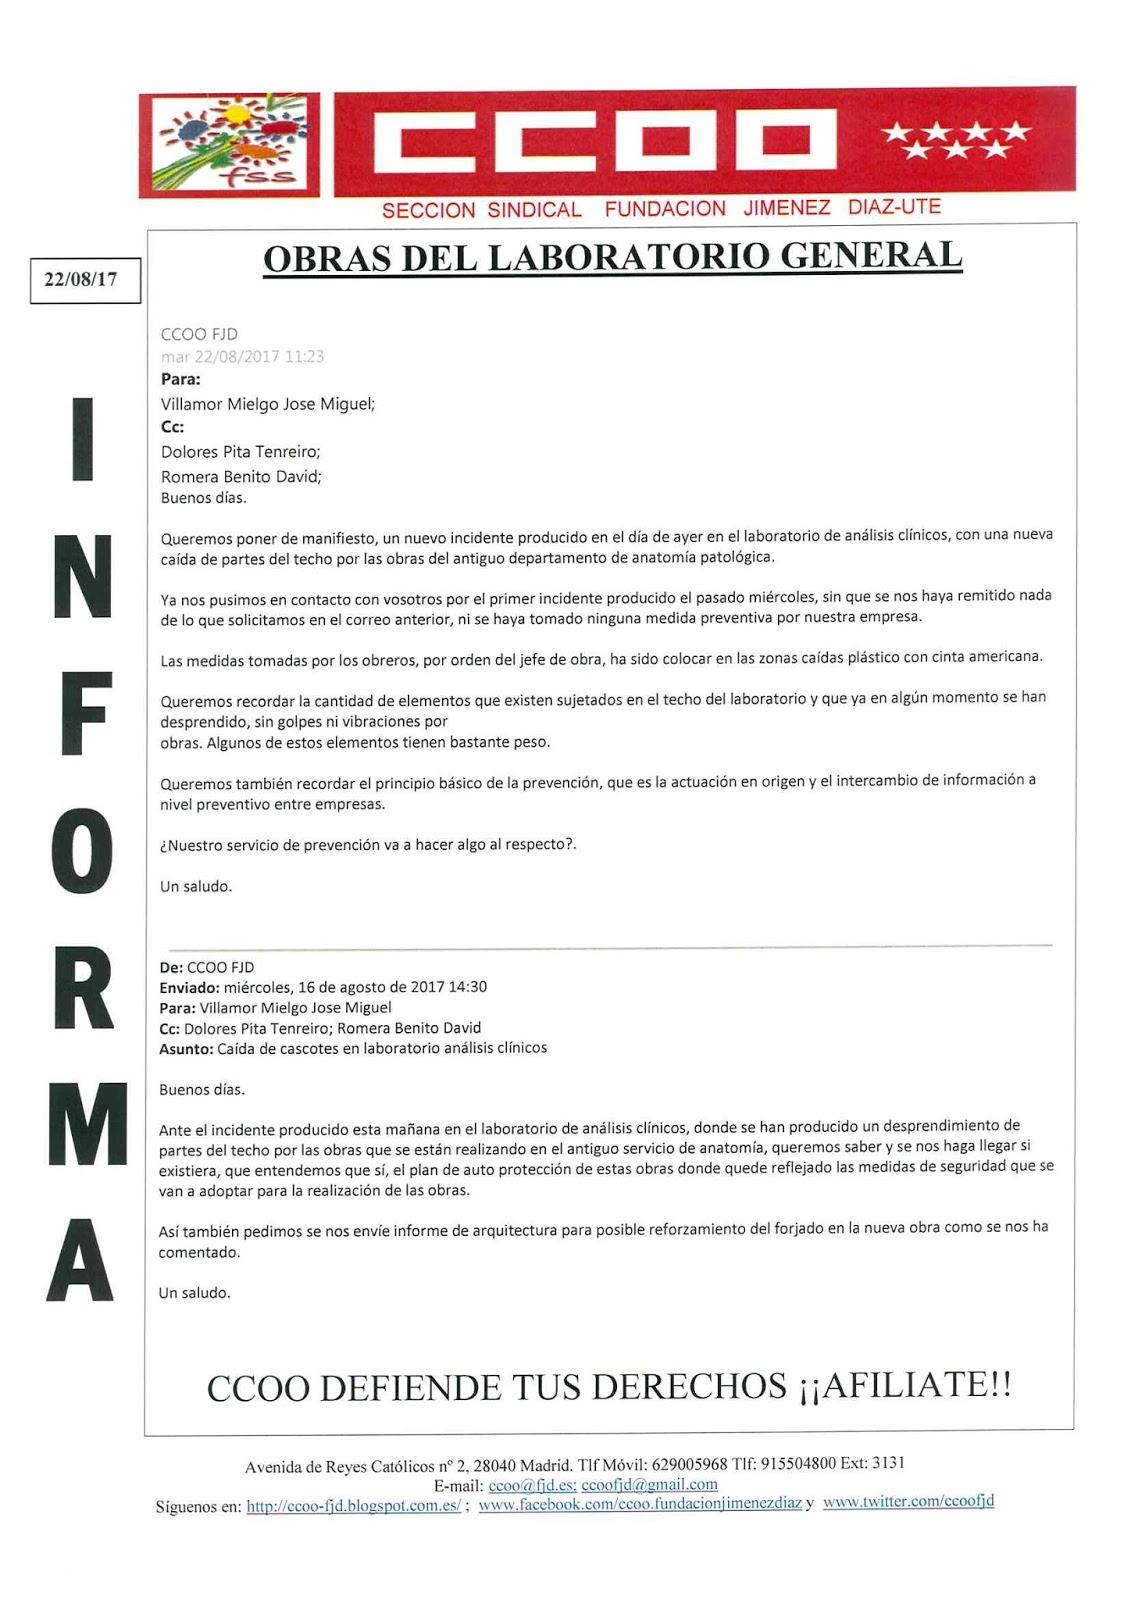 CCOO Fundación Jiménez Díaz: Obras del laboratorio general